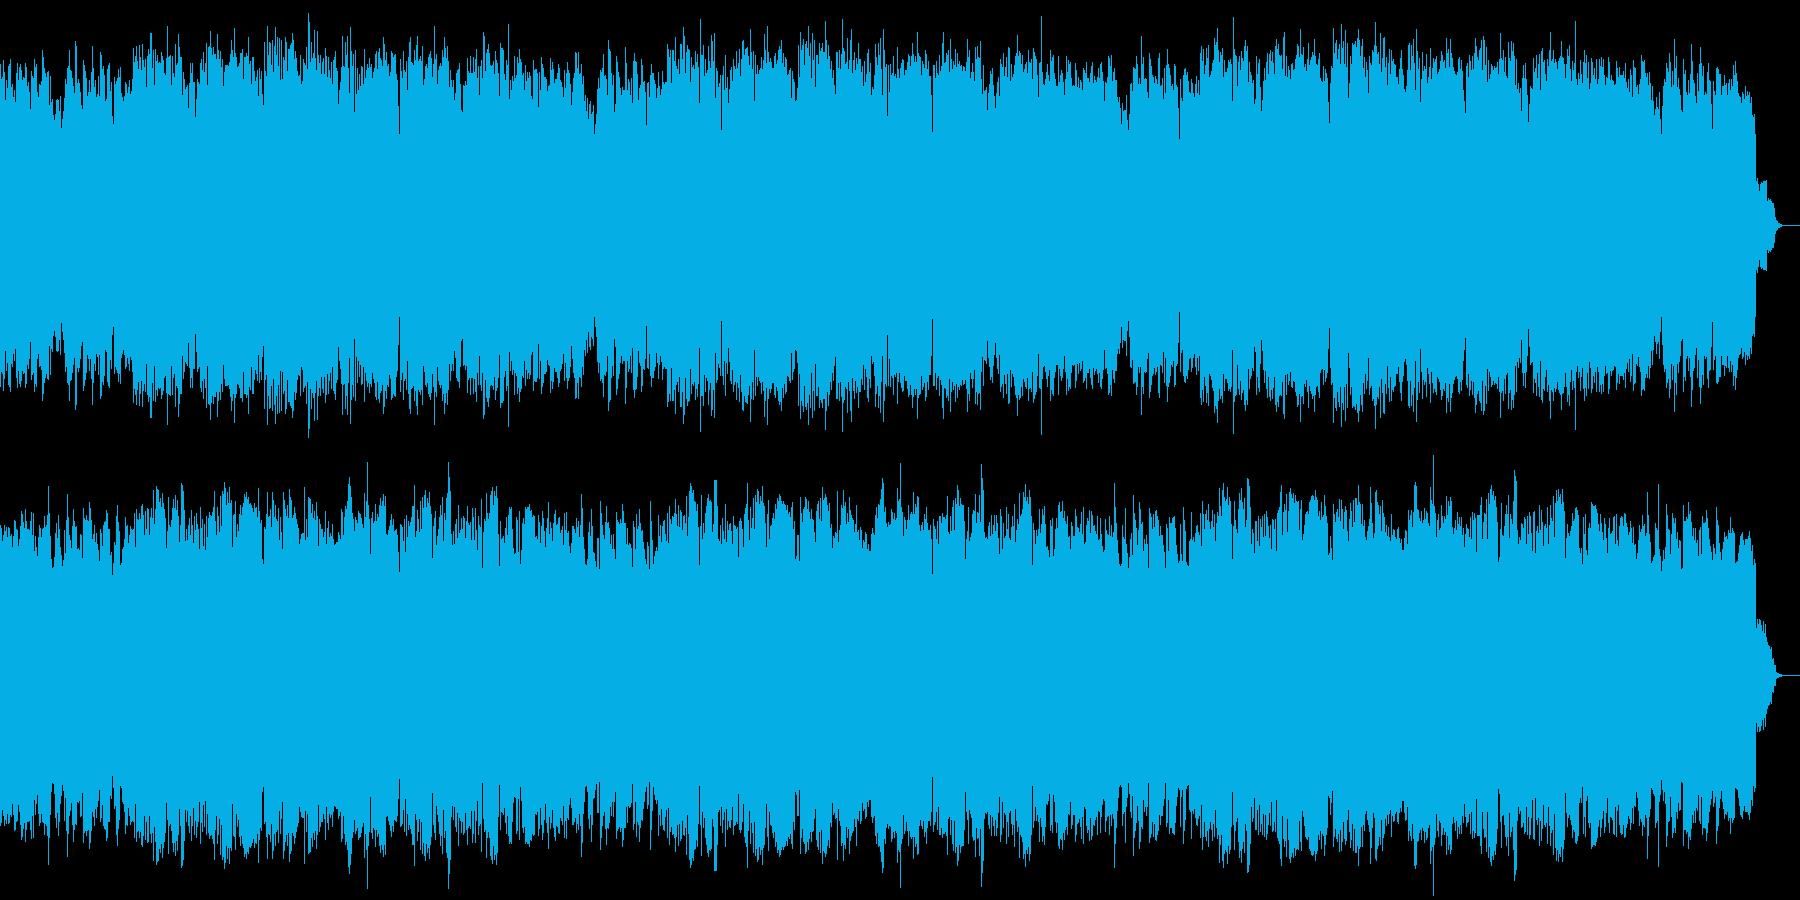 ほんわか温かい大人のジャズ風昭和歌謡曲の再生済みの波形